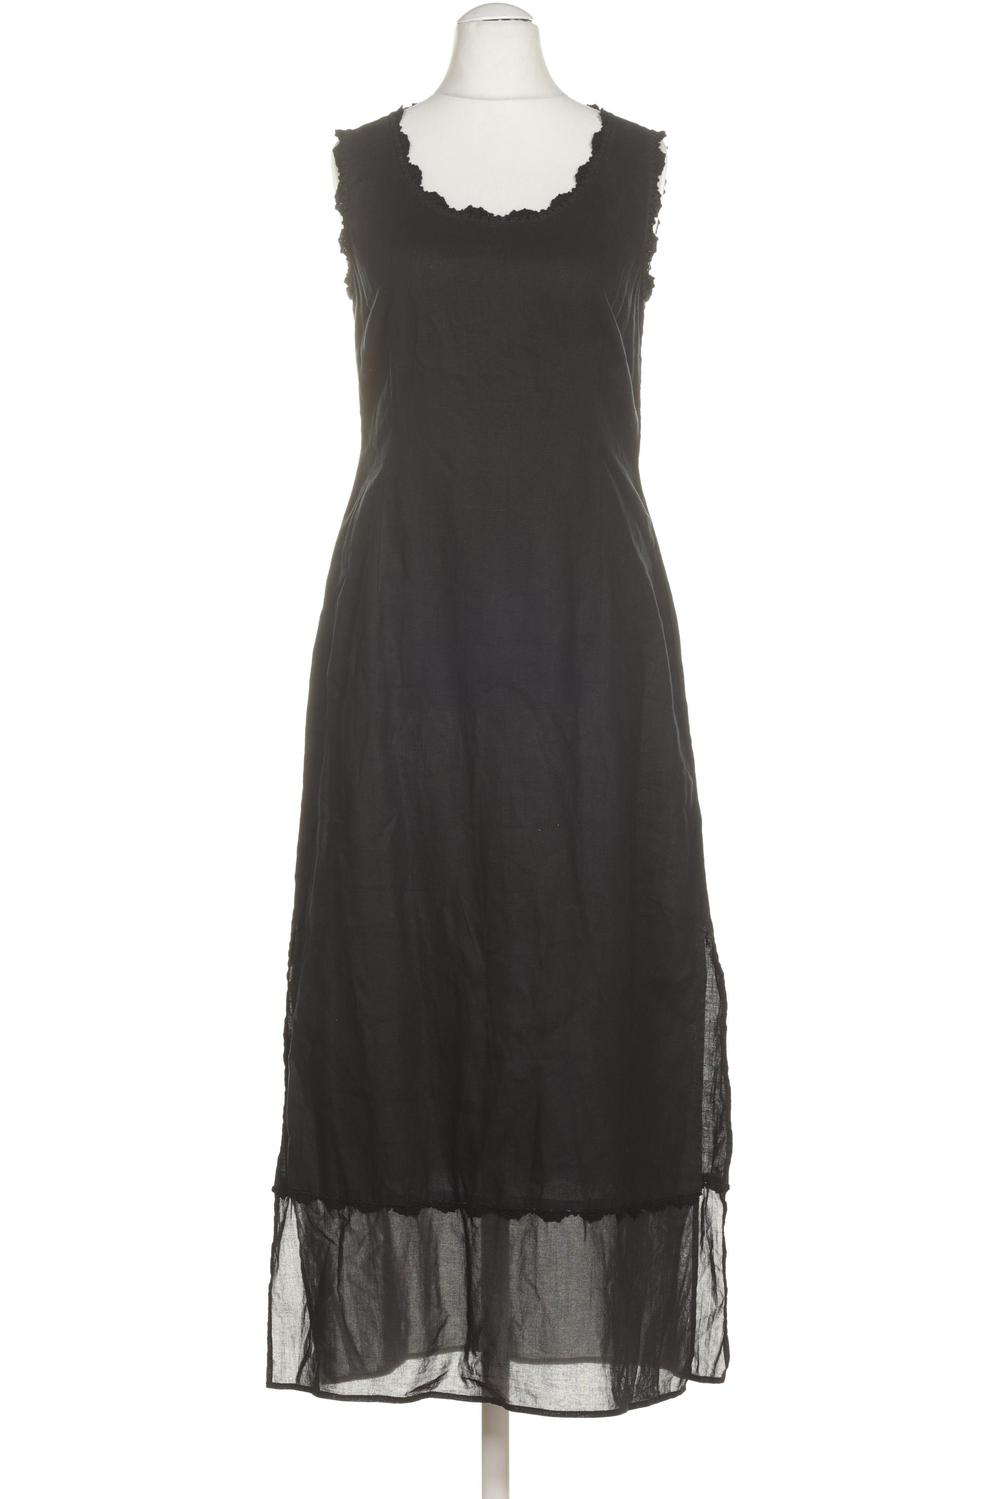 Marc O Polo Kleid Damen Dress Damenkleid Gr. DE 38 ...